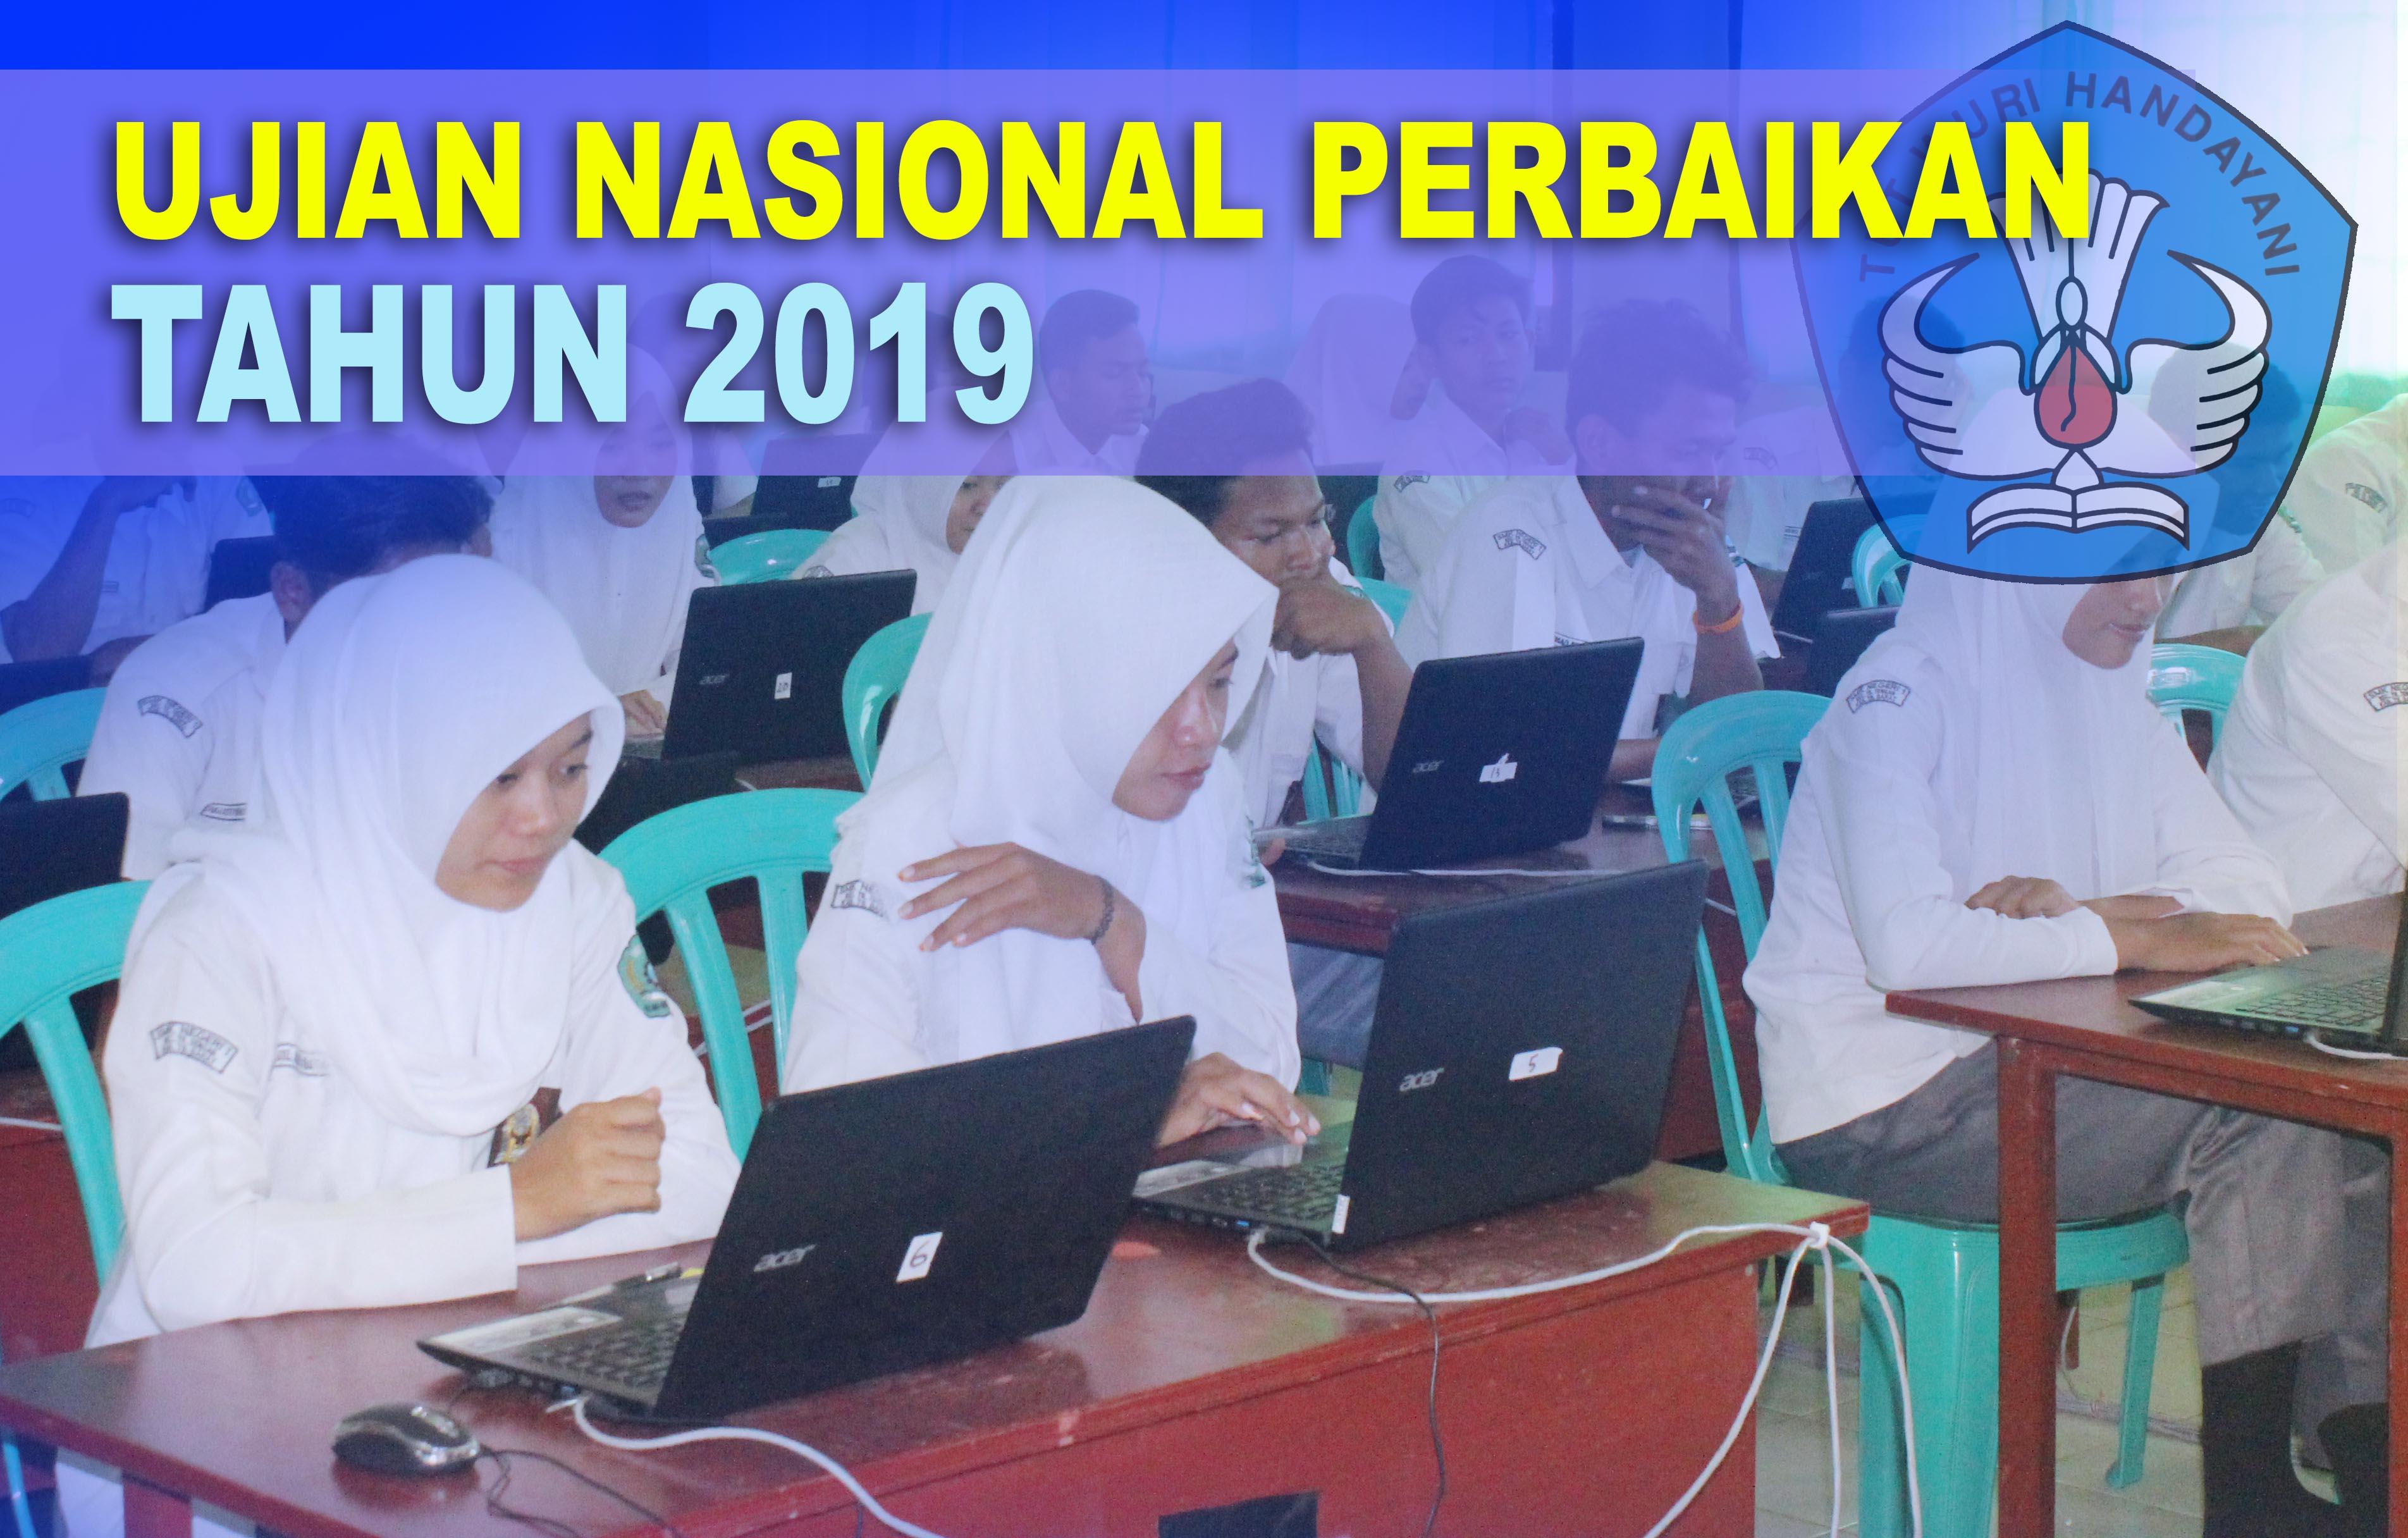 PELAKSANAAN UJIAN NASIONAL UNTUK PERBAIKAN (UNP) TAHUN 2019